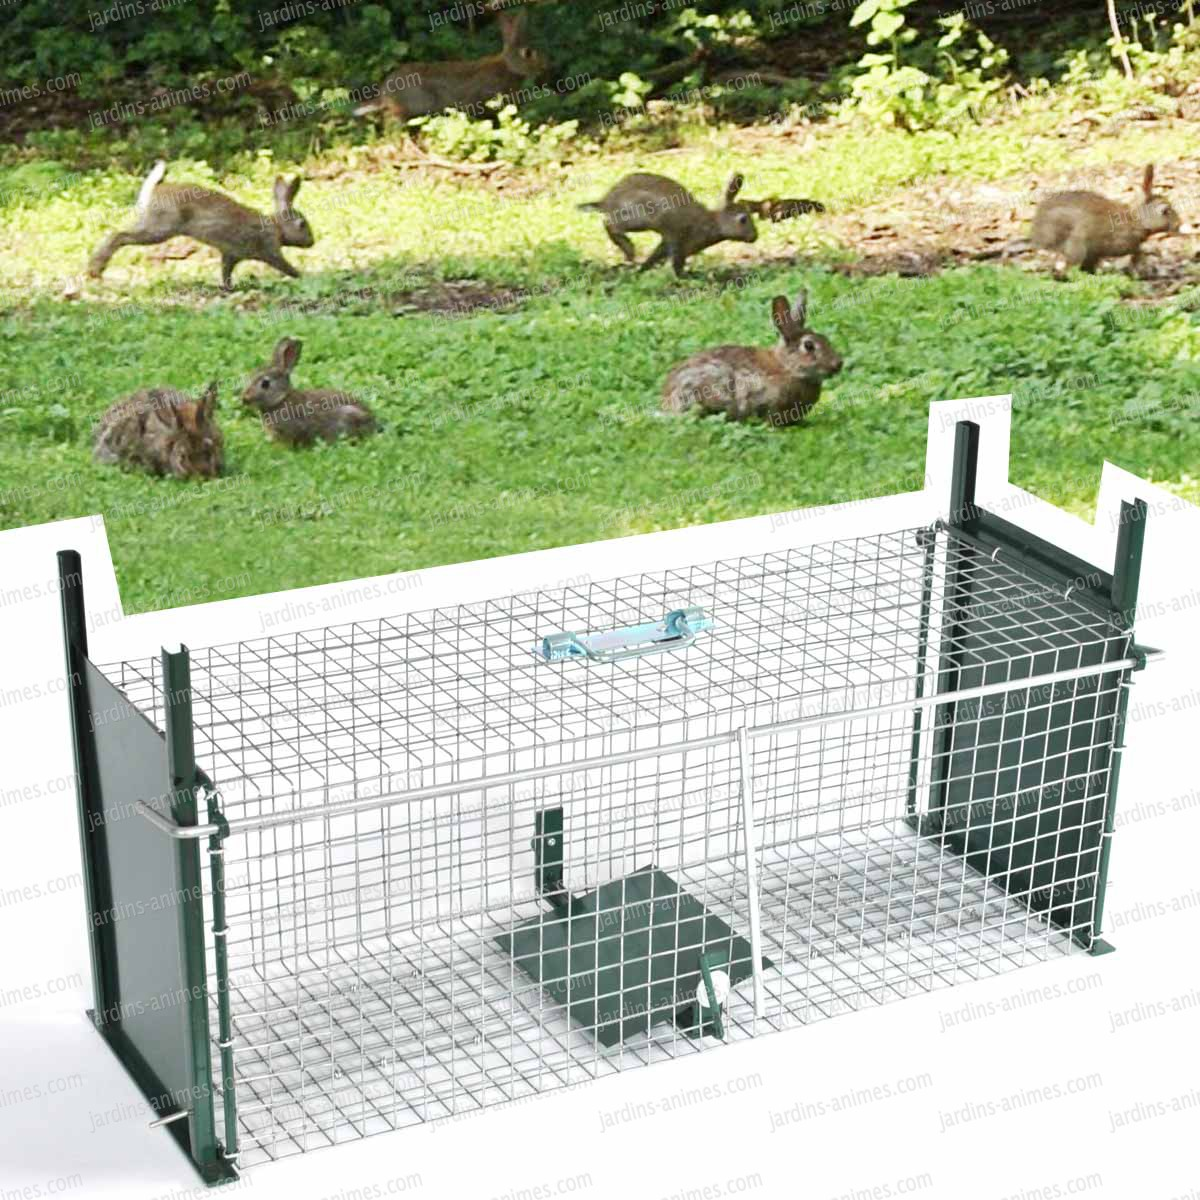 Dessin en couleurs imprimer animaux lapin num ro 466150 for Anti fouine maison